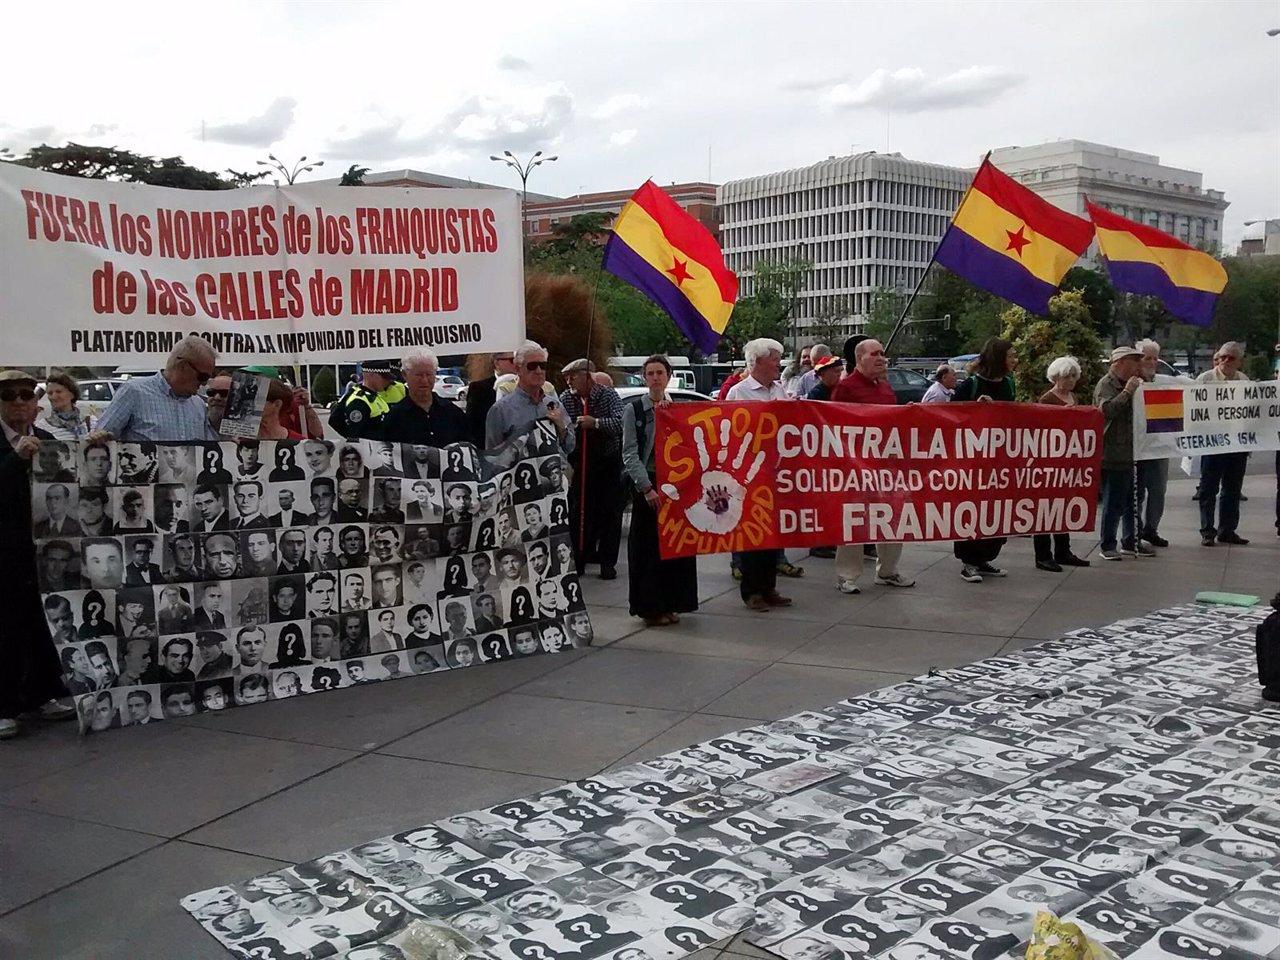 Concentración de la Plataforma Contra la Impunidad del Franquismo